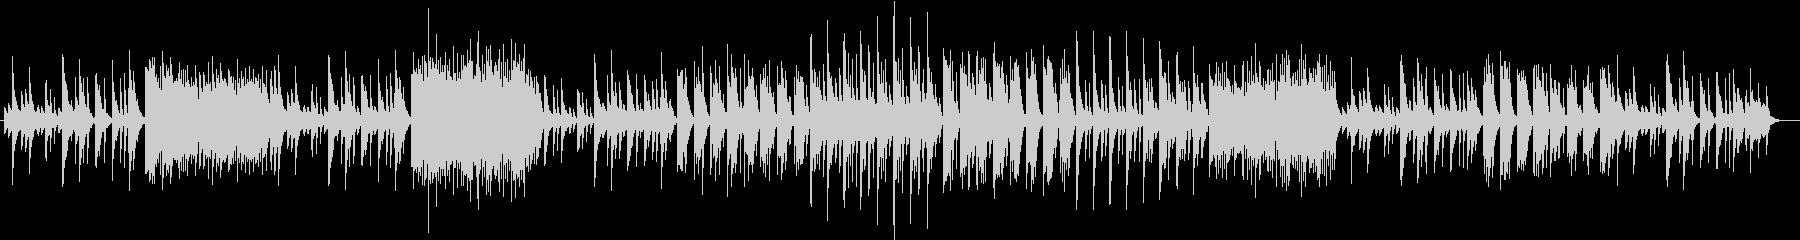 クラシカルなピアノの未再生の波形